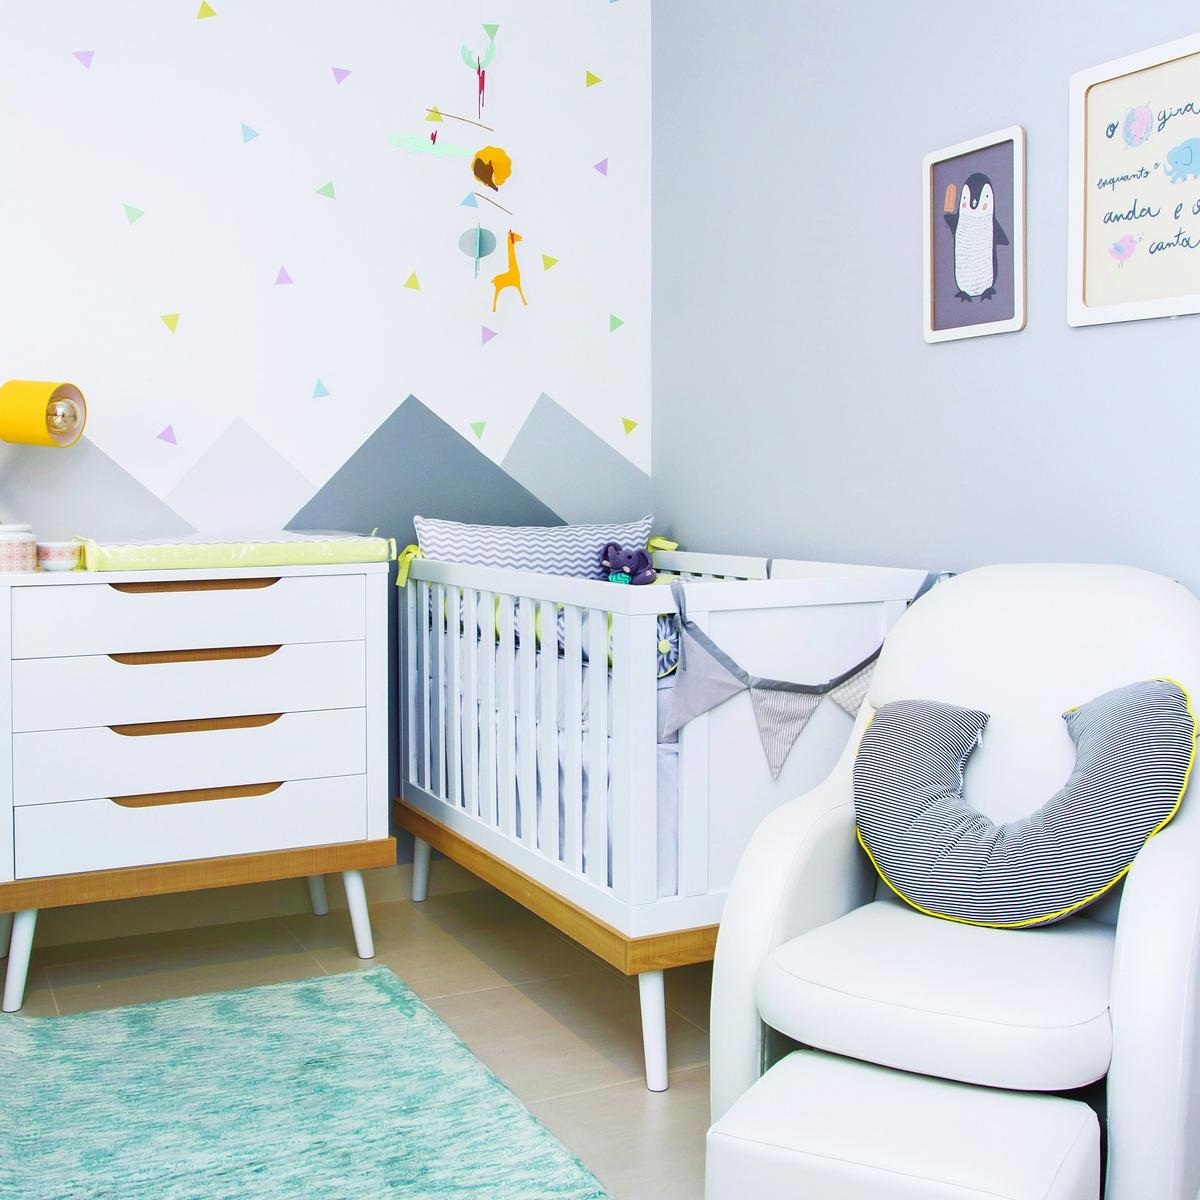 Quarto L Dico E Renov Vel Em Tons De Amarelo Casa Ambiente Beb  ~ Armario Quarto Branco Com Parede Colorida Quarto